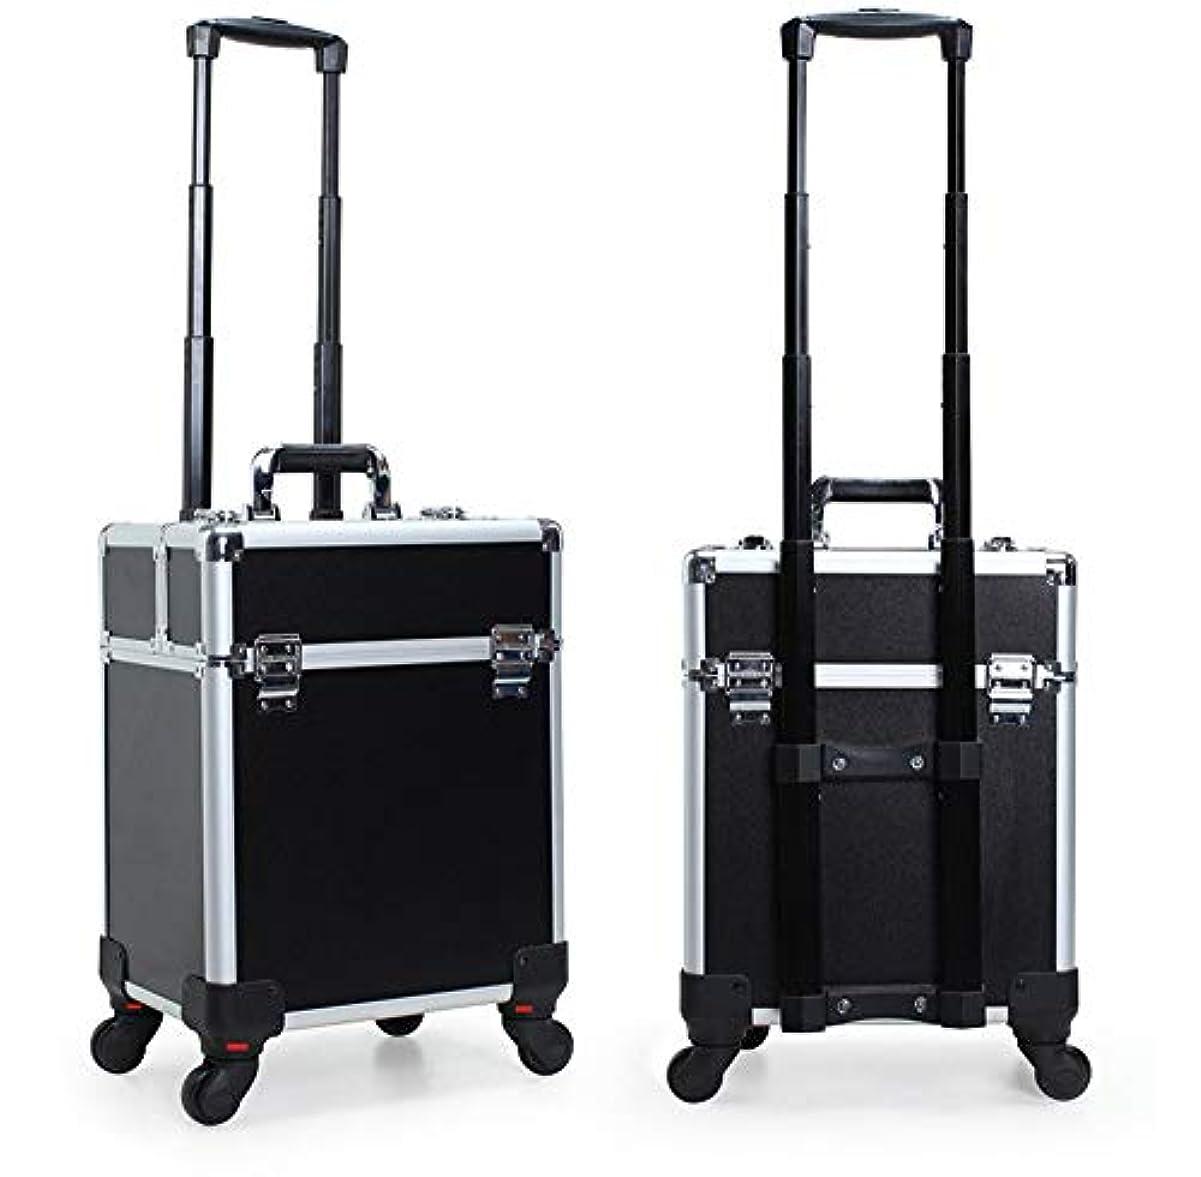 焼く賞賛する知事GOGOS コスメボックス 大容量 プロ仕様 メイクボックス スーツケース型 化粧品収納ボックス 4輪 キャスター付き アルミ製 出張 携帯 便利